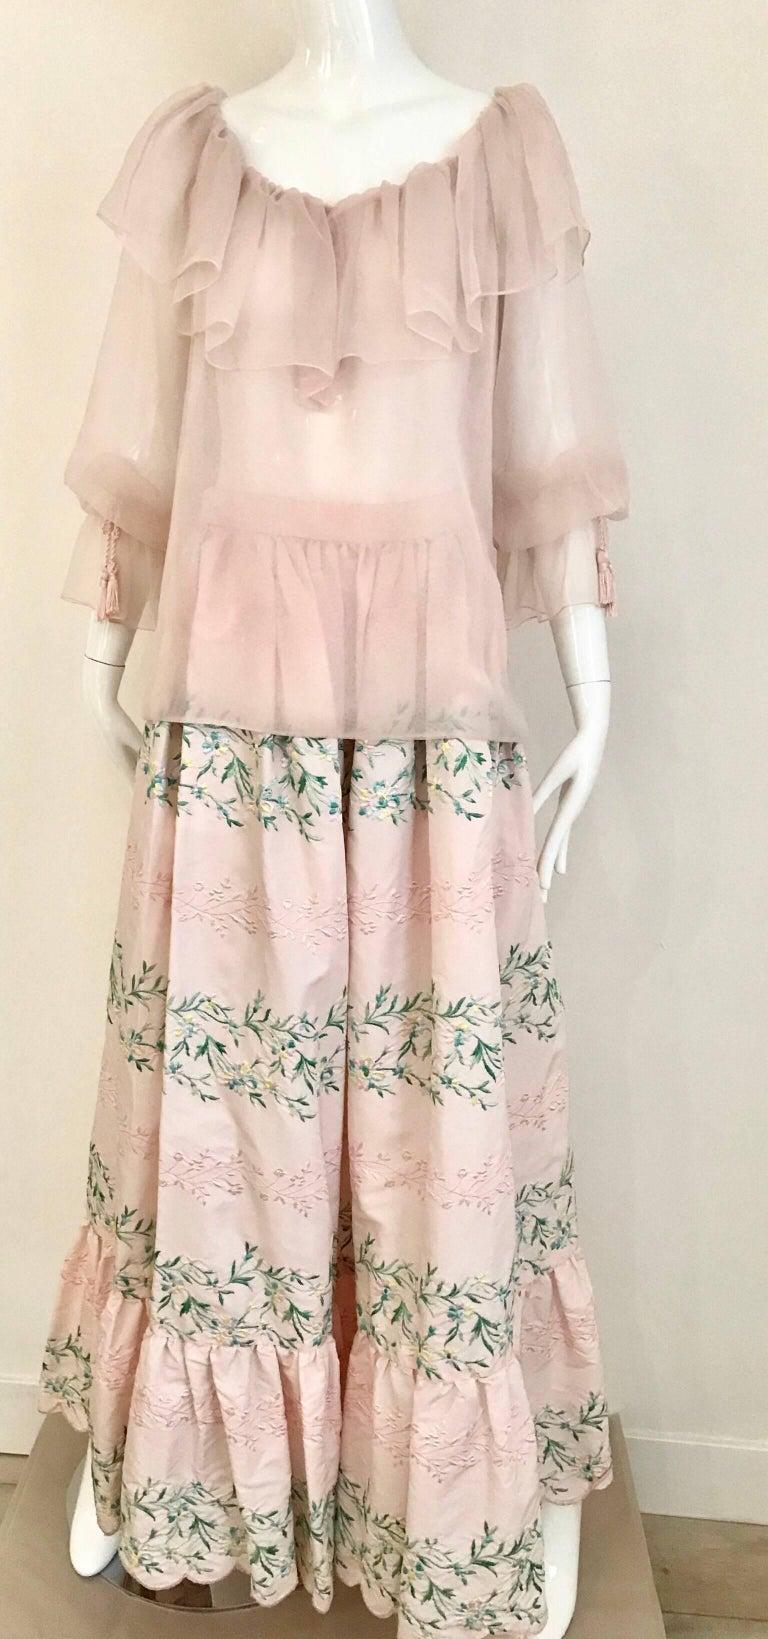 Vintage Oscar De La Renta Light Pink Blouse and Embroidered Maxi Skirt  For Sale 1